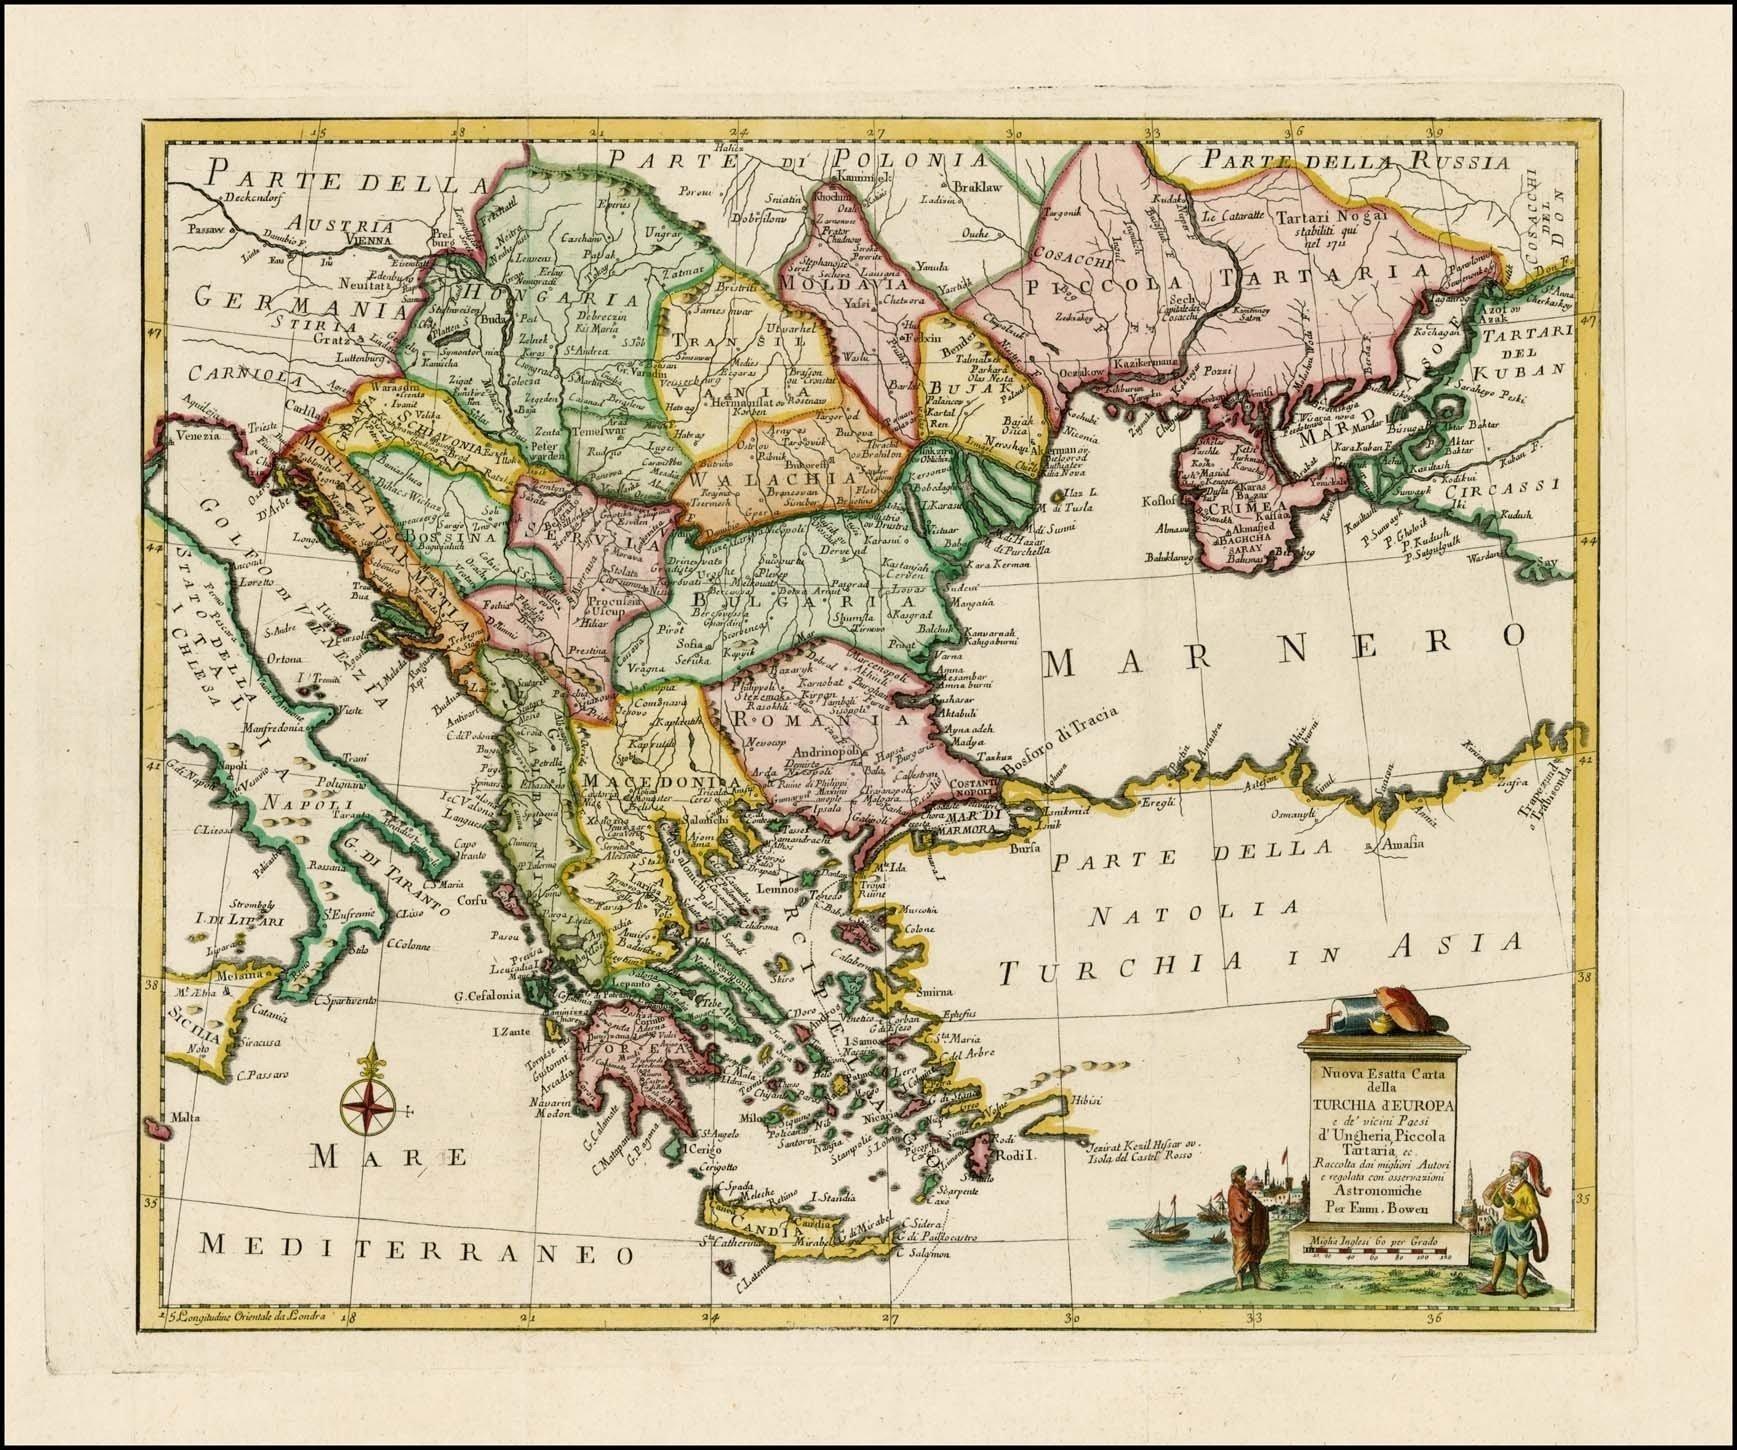 Карта 1755 года maps, балканы, картографическая подборка, картография, карты, карты Балкан